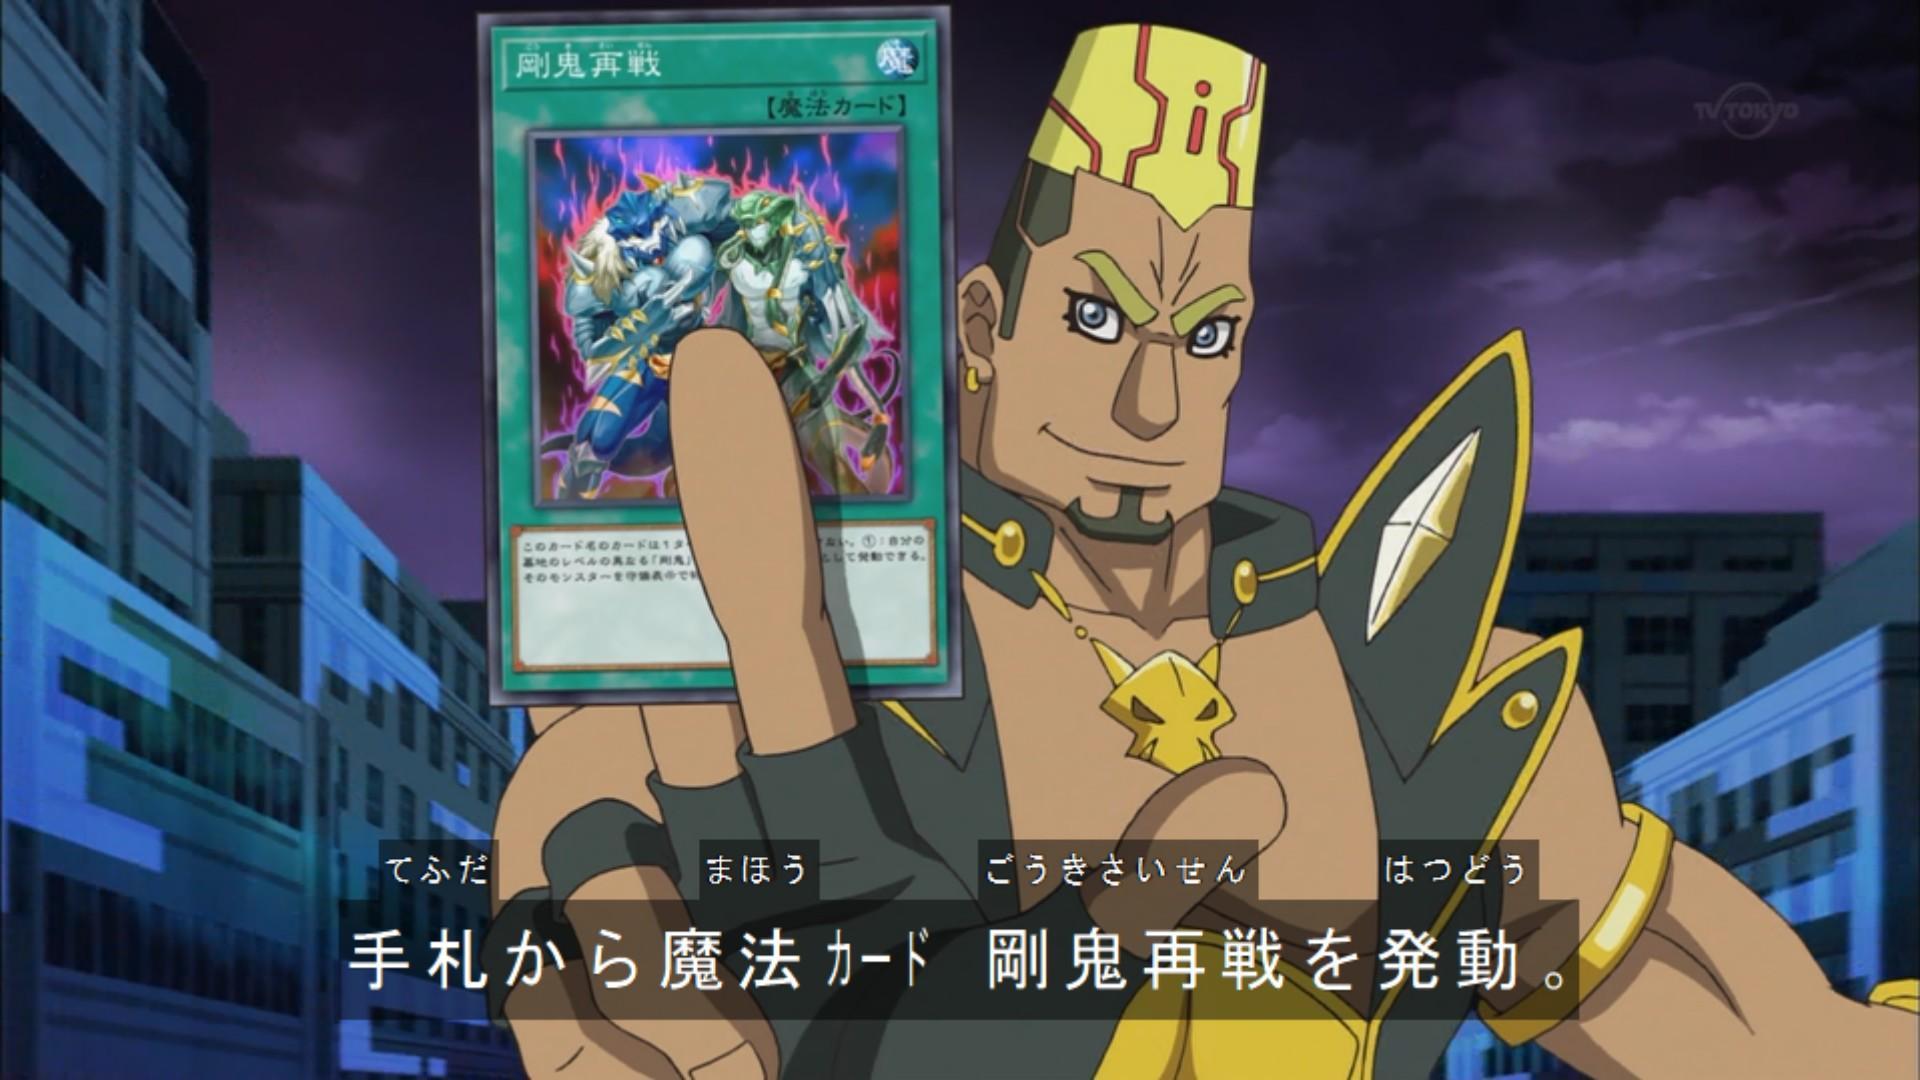 【遊戯王】剛鬼は新規カード来るたび強くなってる